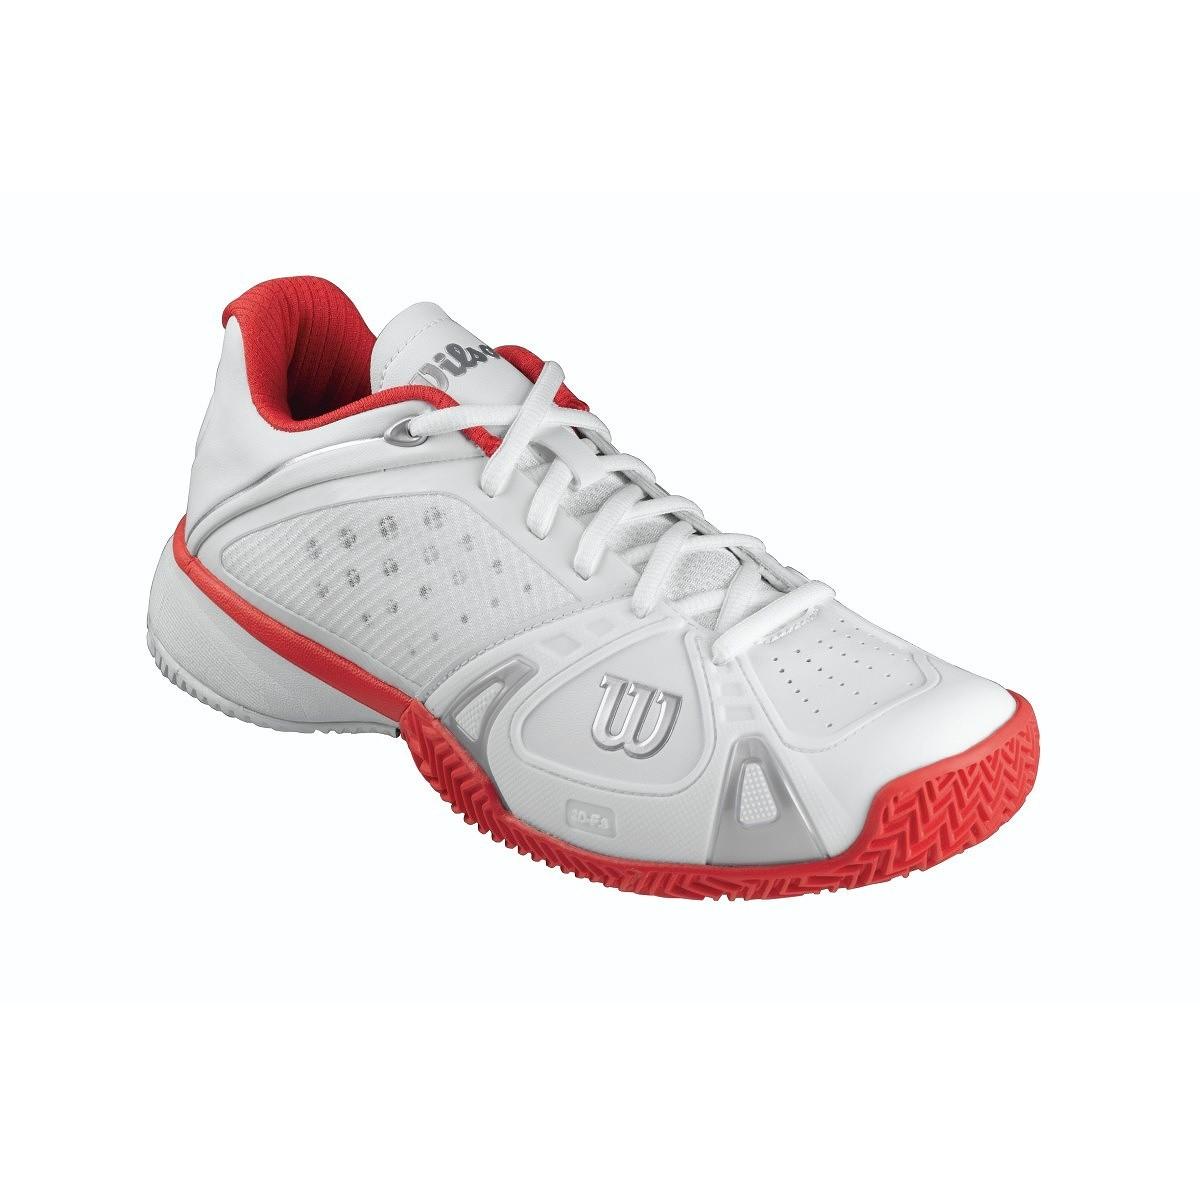 Buty tenisowe damskie Wilson Rush Pro Women - wyprzedaż!